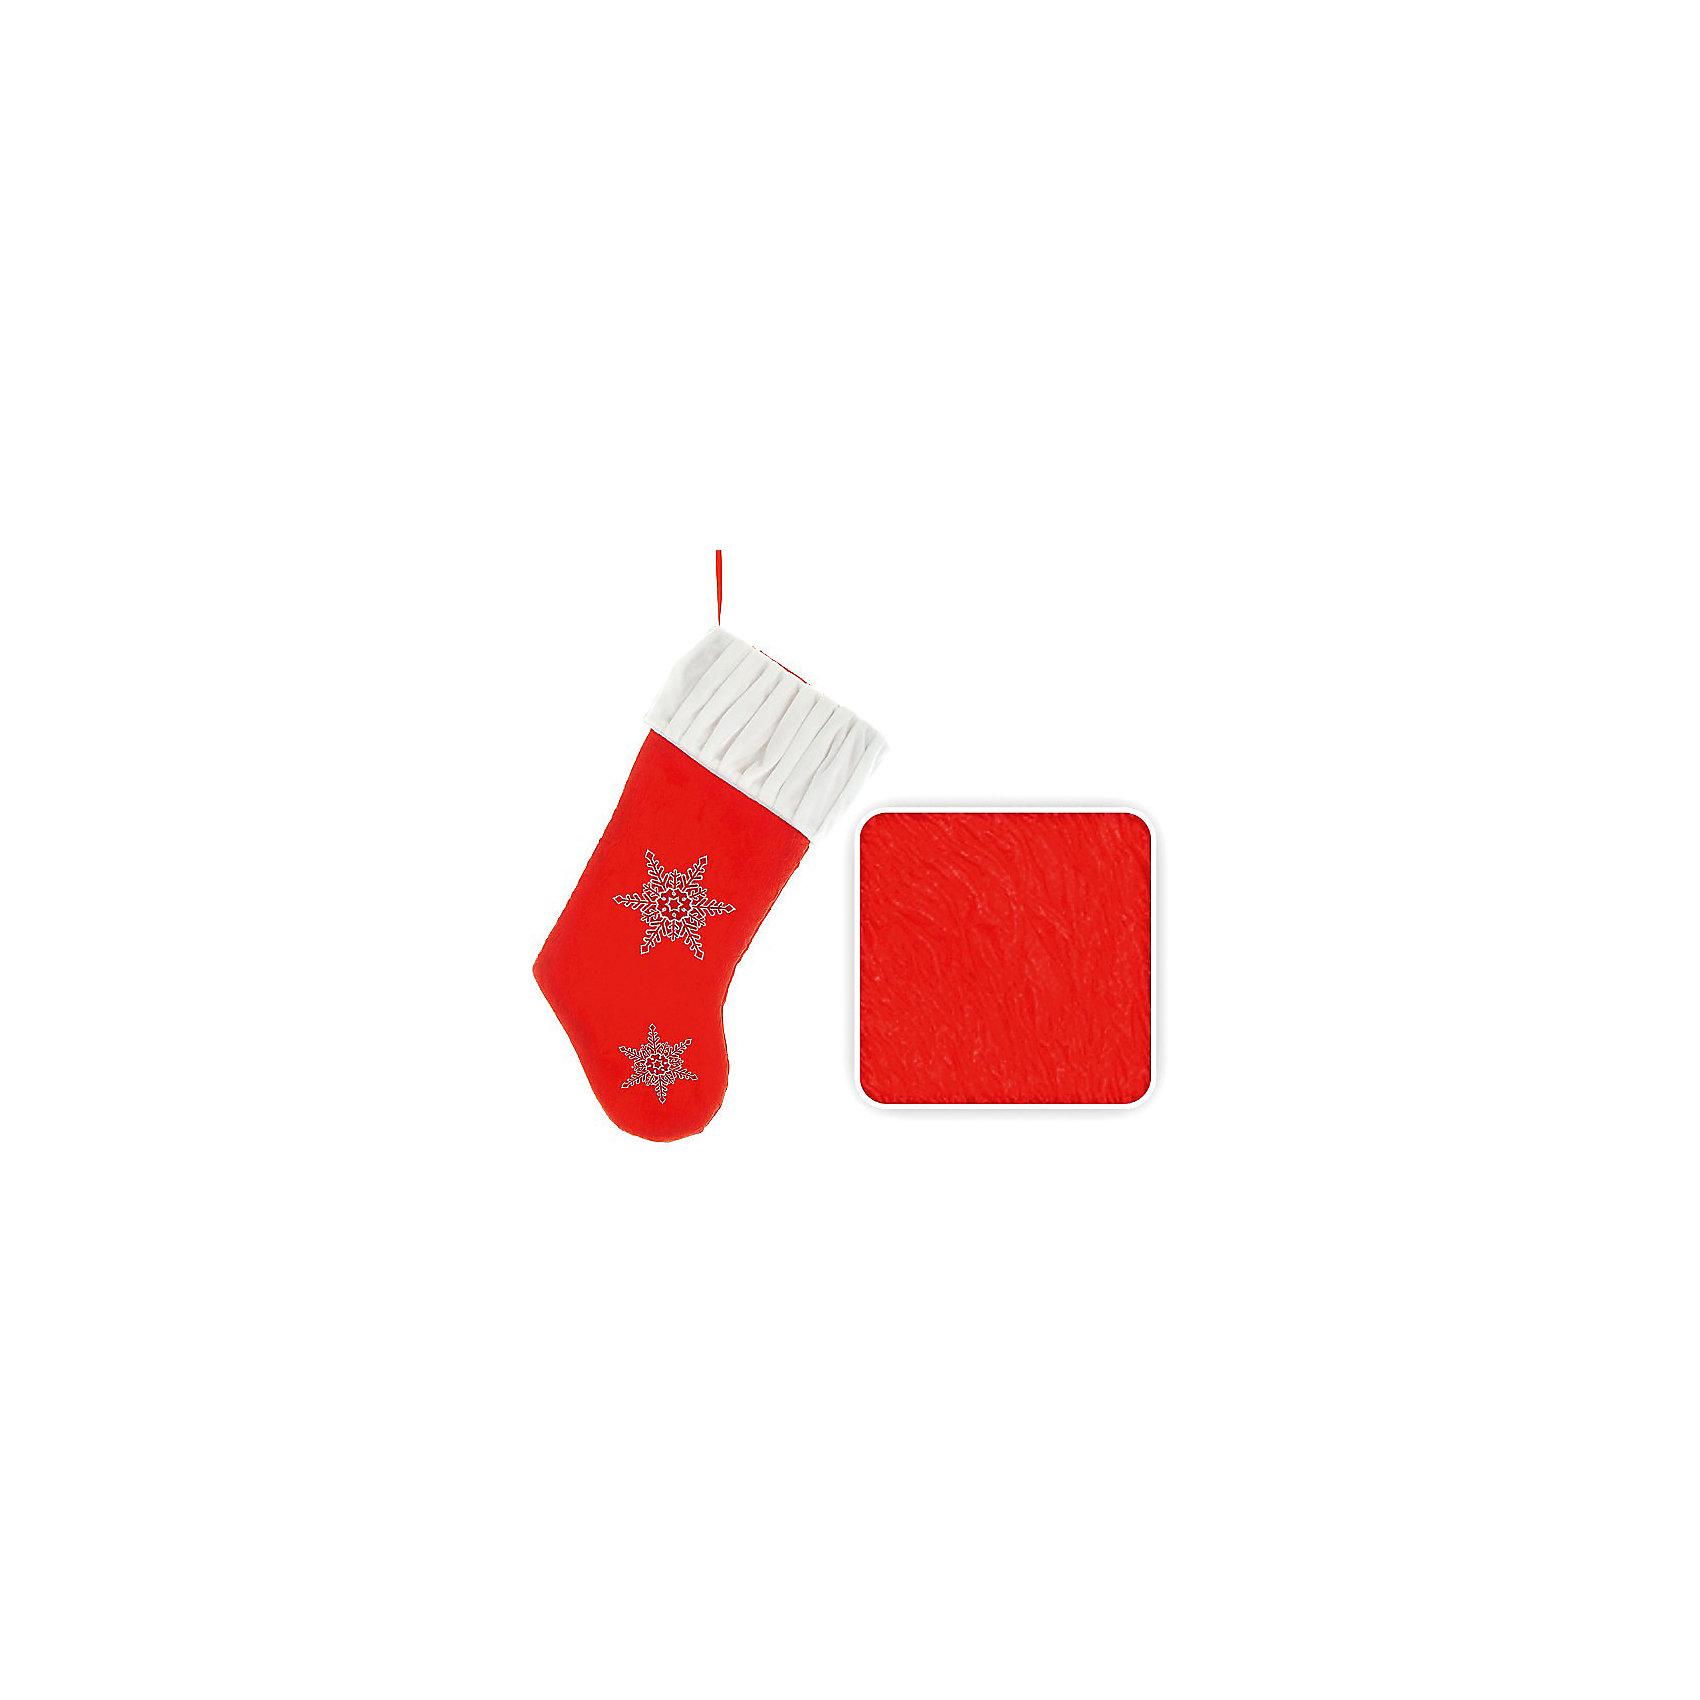 Носок для подарков, 50 см, красный цветВсё для праздника<br>Носок для подарков. В такой носок обязательно положат подарок, а может, и не один. Прекрасный новогодний аксессуар. Прекрасно подойдет для оформления витрин и помещений. <br><br>Дополнительная информация:<br><br>- Материал: текстиль<br>- Размер: 50 см<br>- Цвет: красный, белый<br>- Вышивка- снежинка.<br><br>Носок для подарков можно купить в нашем магазине.<br><br>Ширина мм: 110<br>Глубина мм: 100<br>Высота мм: 100<br>Вес г: 110<br>Возраст от месяцев: 36<br>Возраст до месяцев: 216<br>Пол: Унисекс<br>Возраст: Детский<br>SKU: 3822115